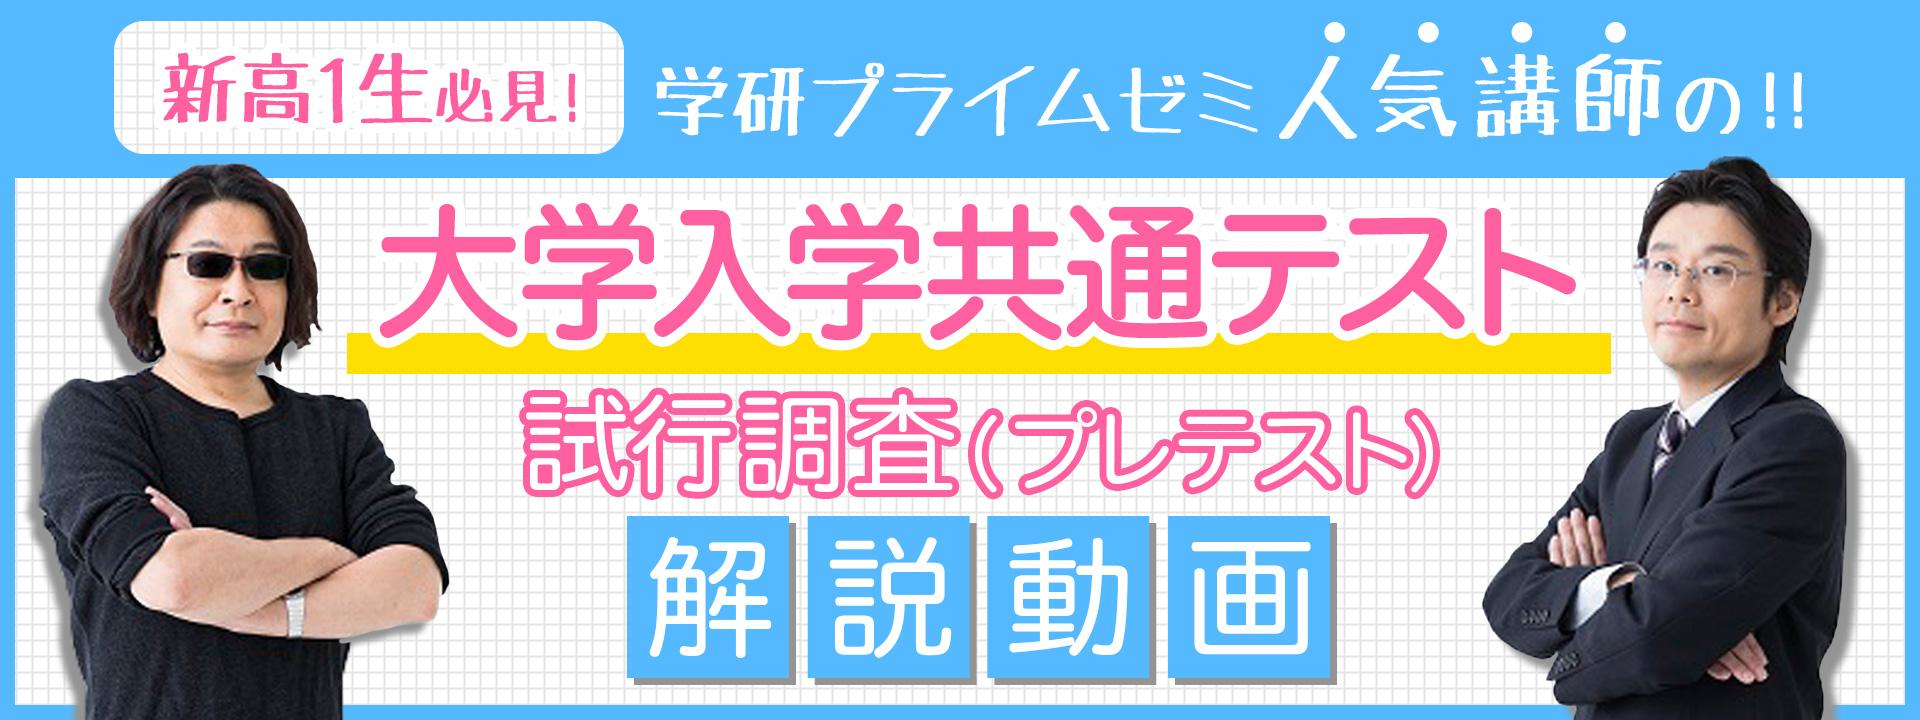 新高1生必見! 学研プライムゼミ人気講師の!! 大学入学共通テスト 施行調査(プレテスト)